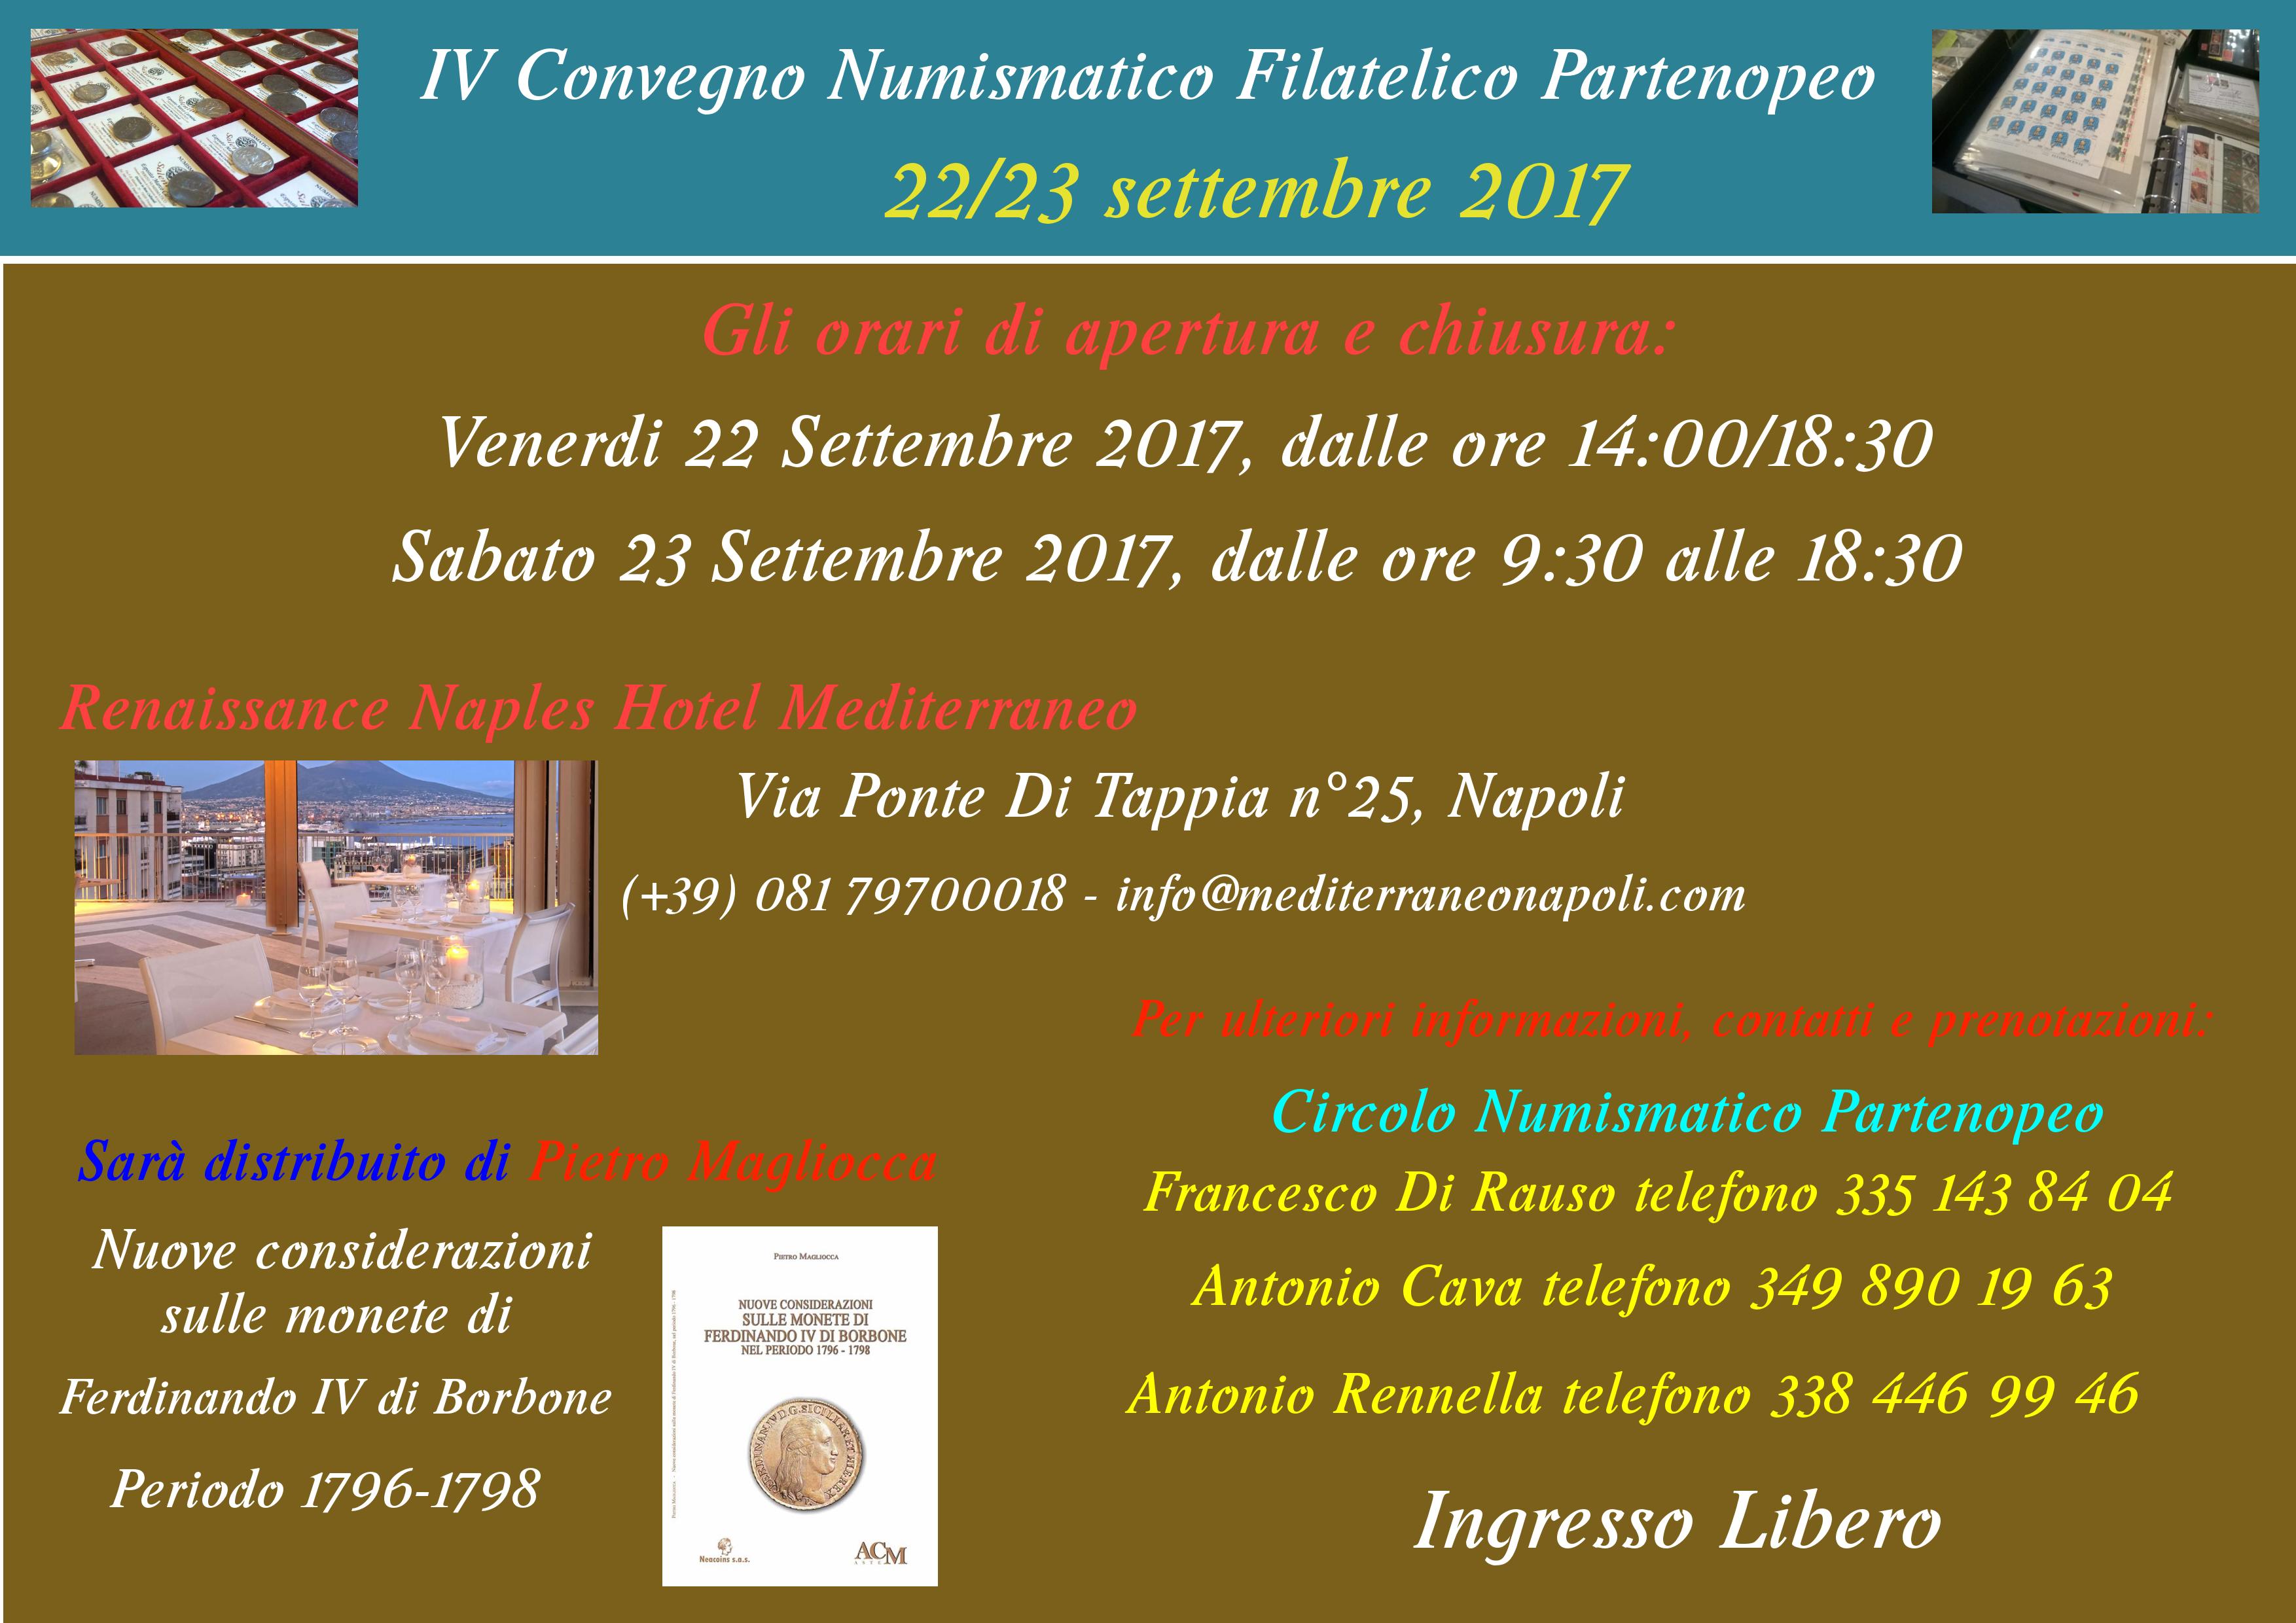 IV Convegno numismatico e filatelico partenopeo - 22/23 settembre 2017